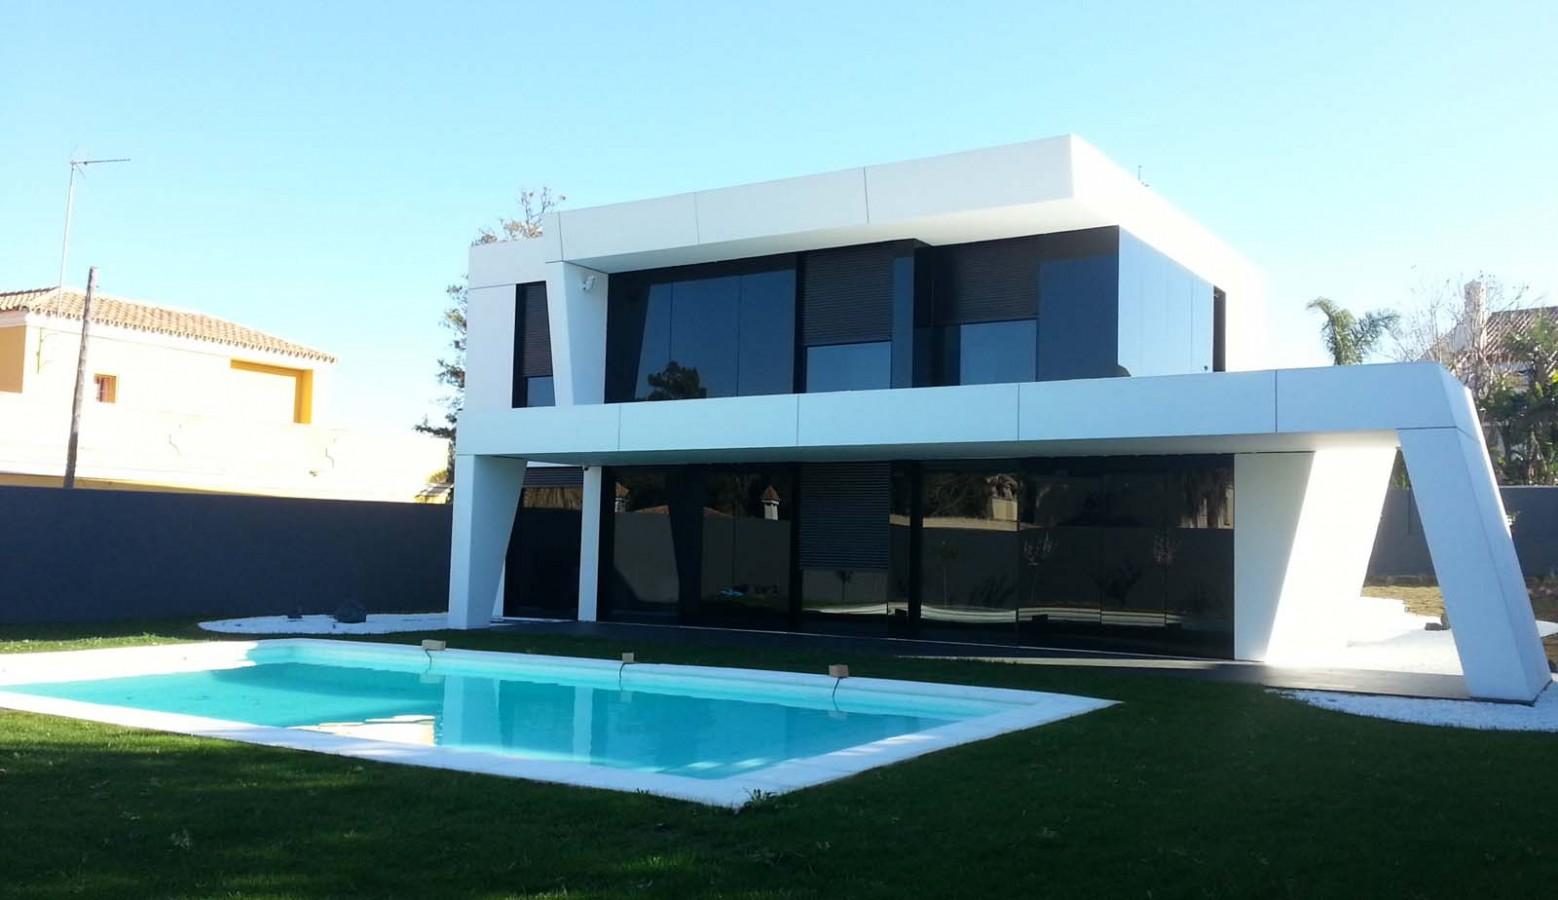 Decoarq arquitectura decorativa - Casas de diseno prefabricadas hormigon ...